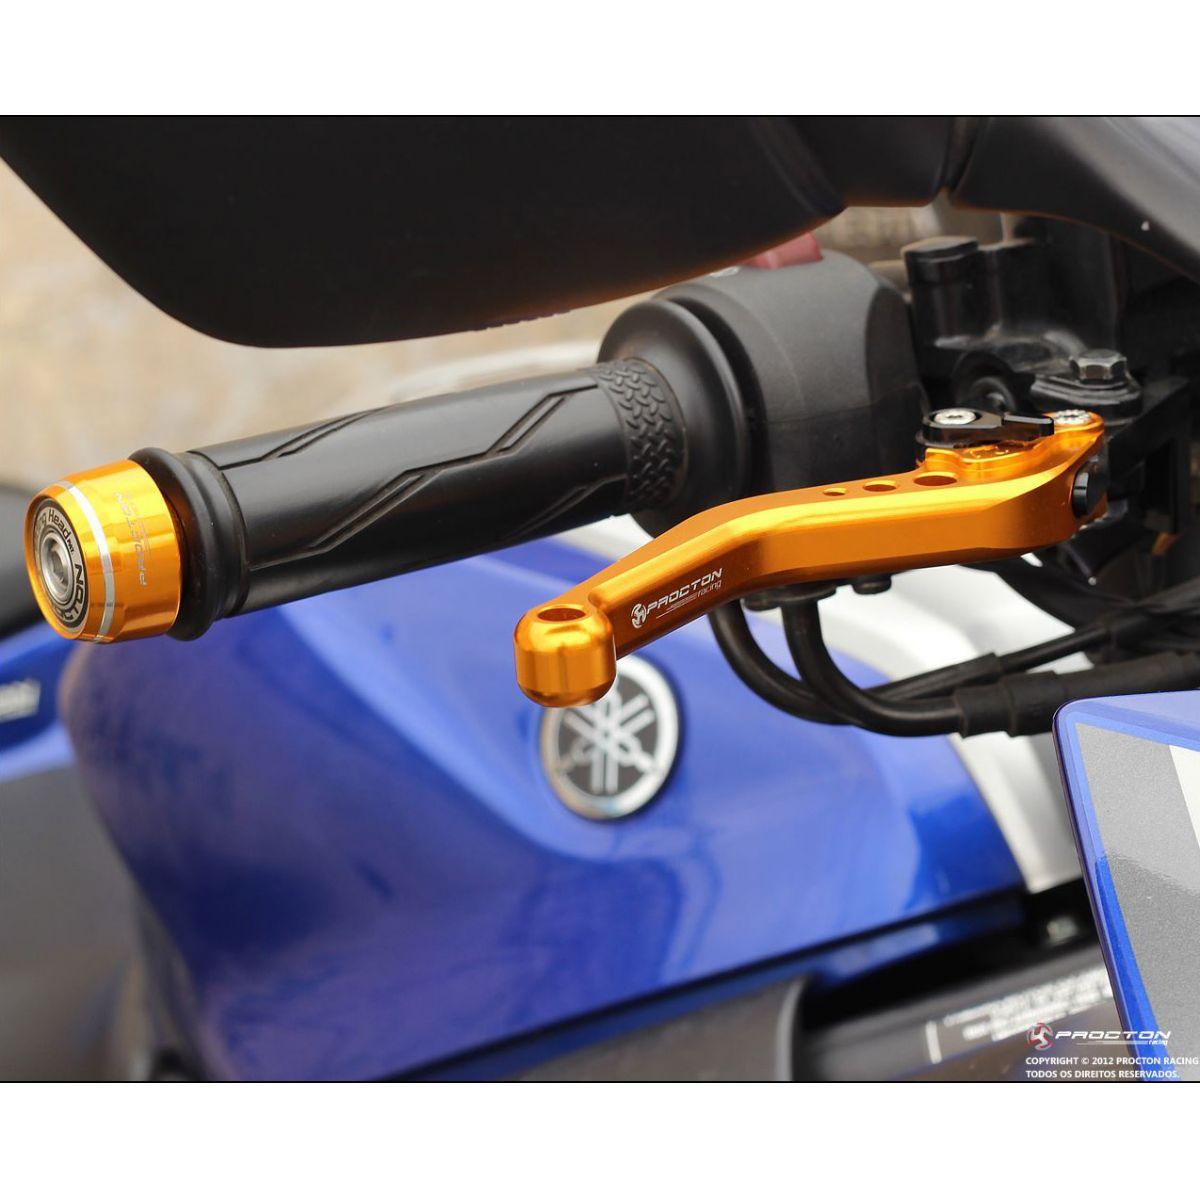 Manete Procton Racing BANDIT 650/S Embreagem Hidraulica 2008-2016 (F-14/S-14)  - Nova Suzuki Motos e Acessórios